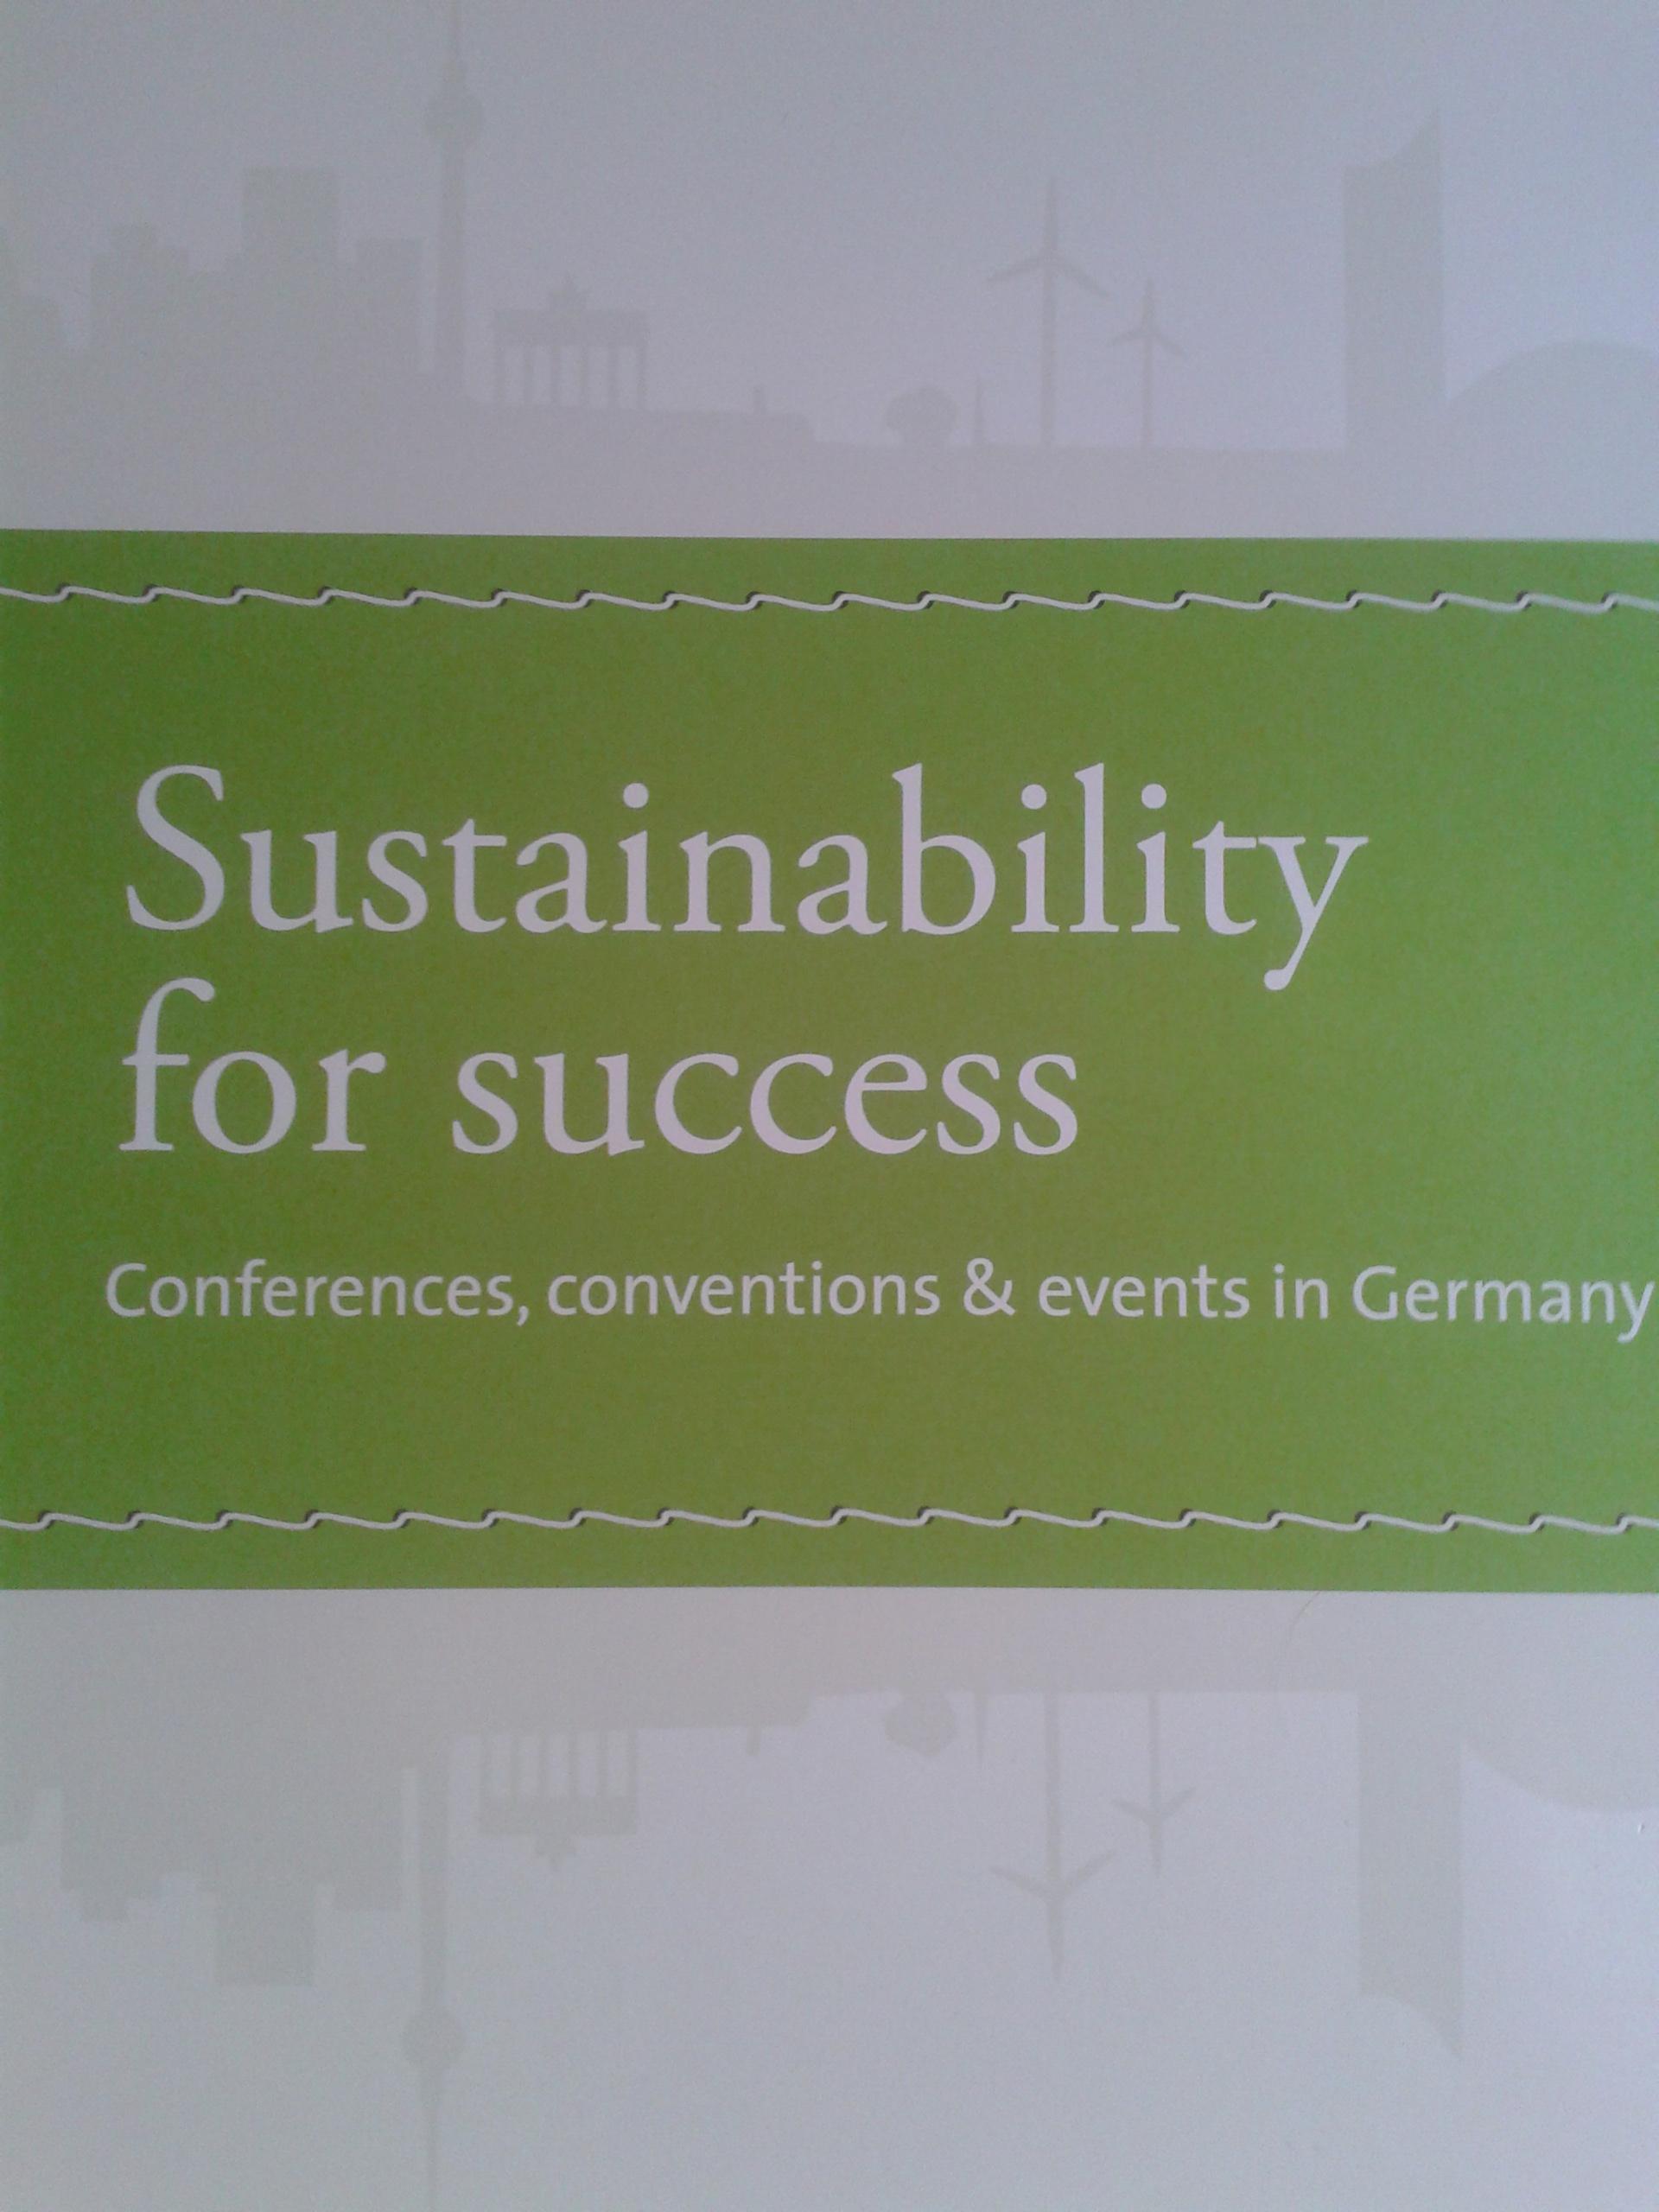 Eventos Sostenibles, Sostenibilidad a Medida, Sustainable Events